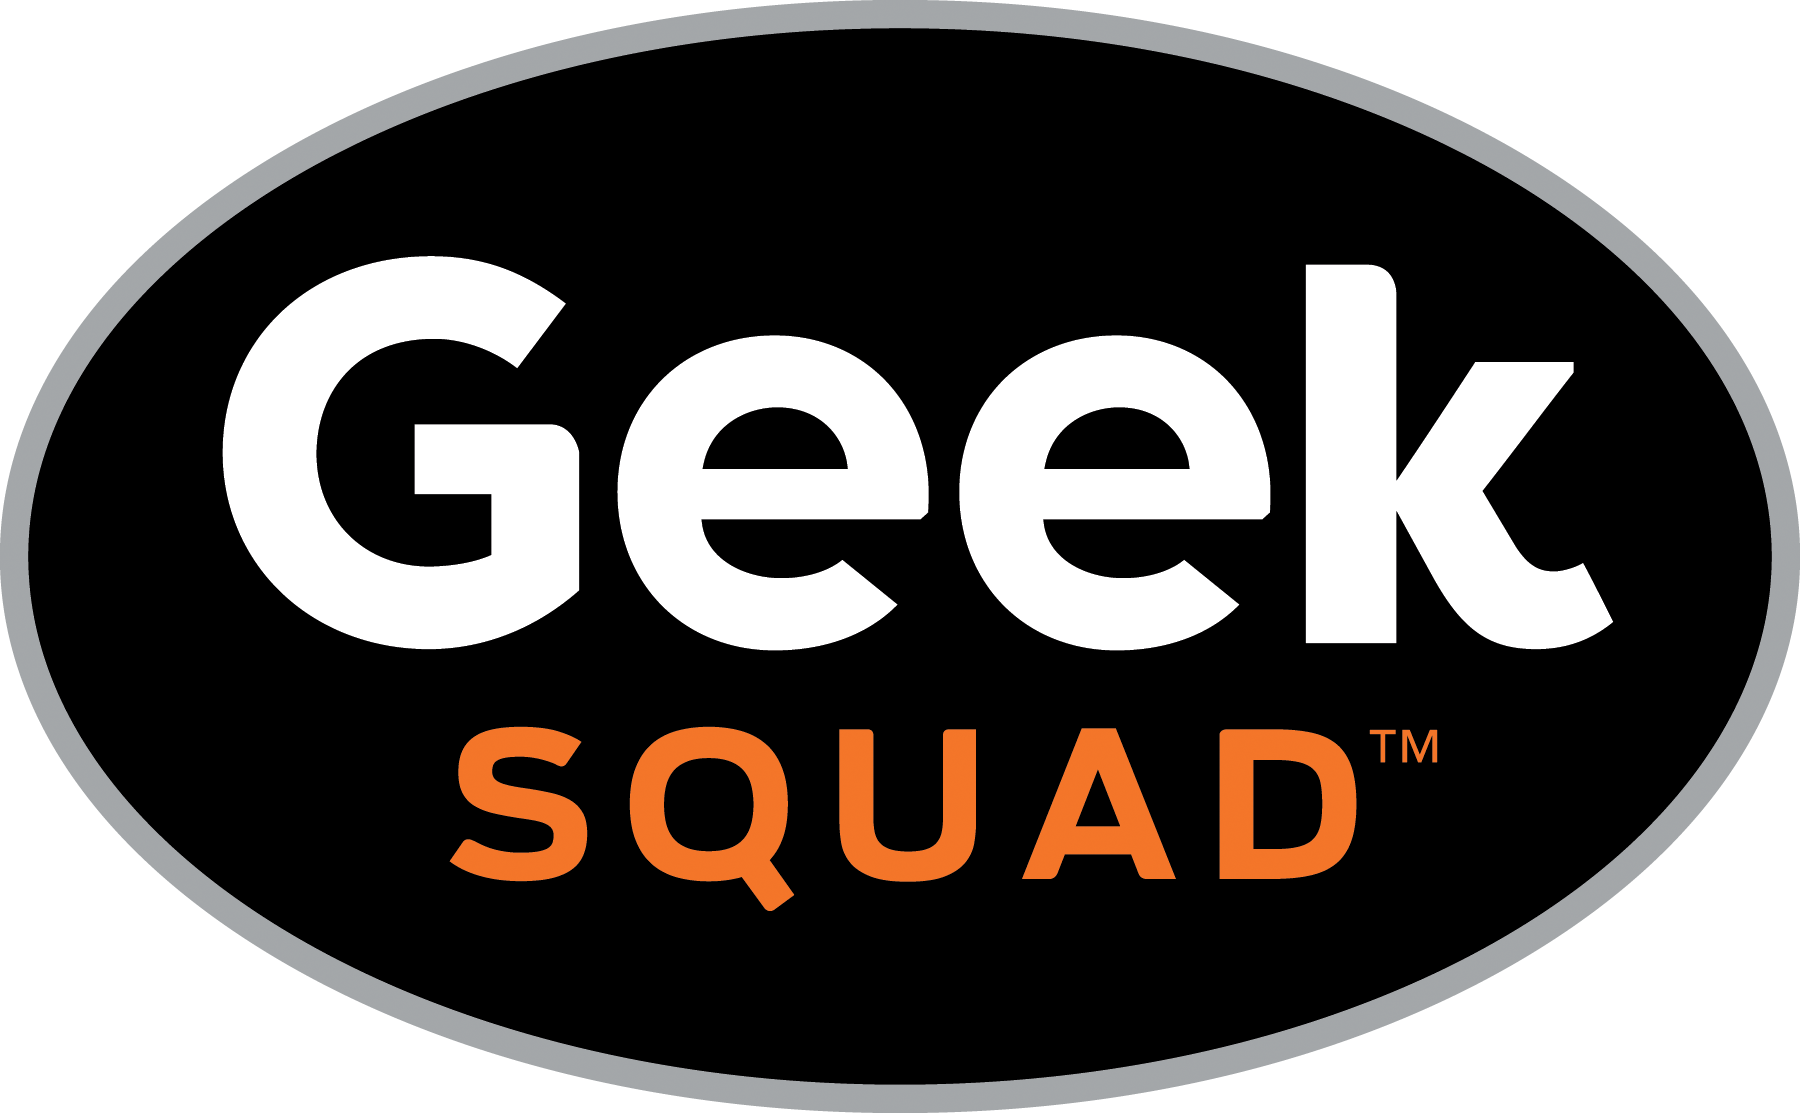 File:Geek Squad logo.png.